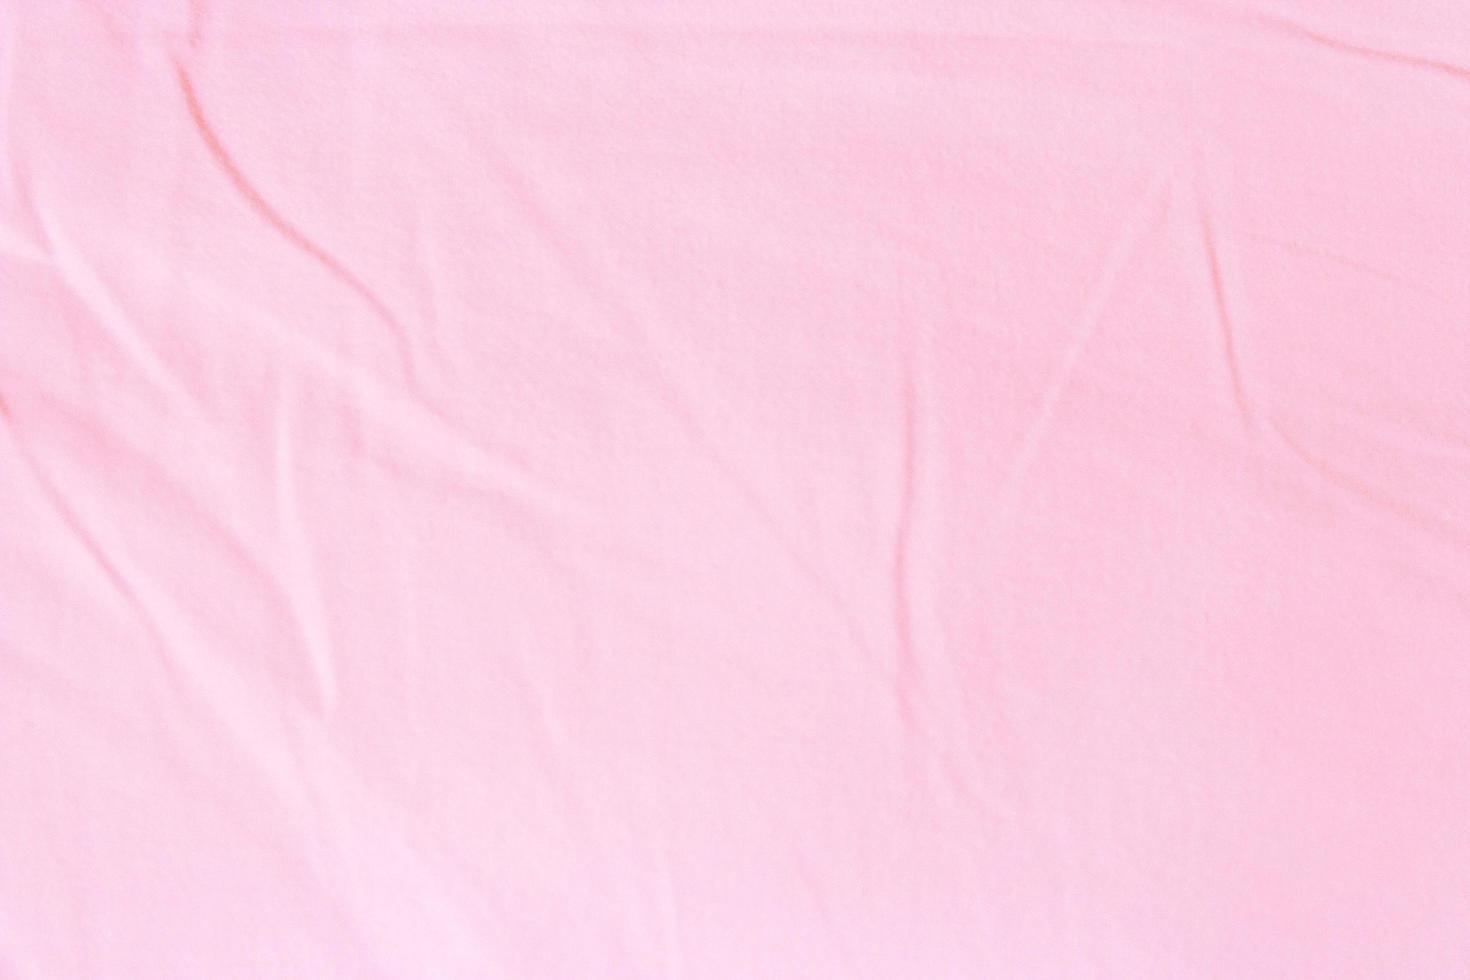 rosa Stoffhintergrund foto